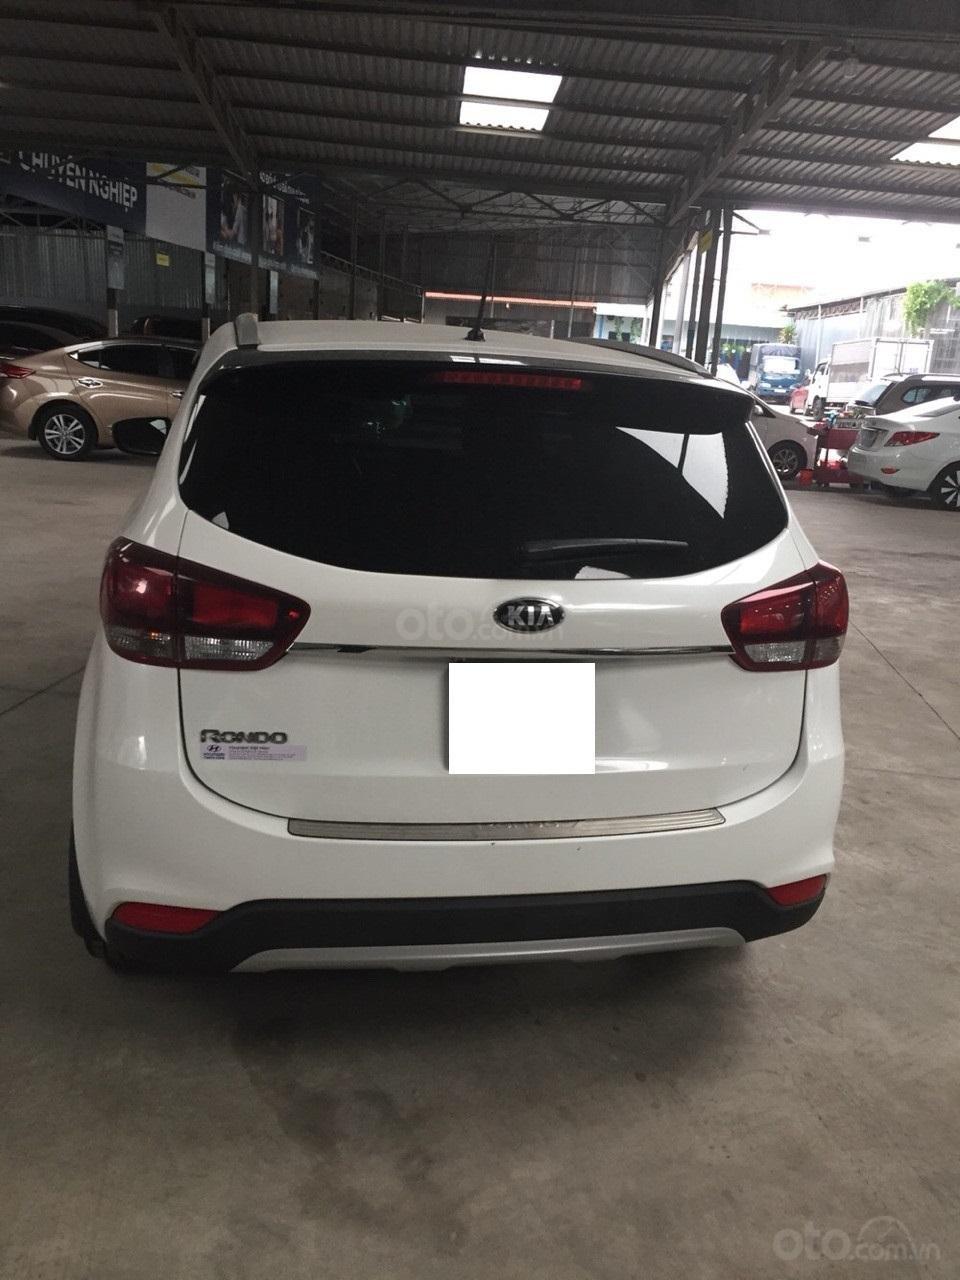 Bán Kia Rondo GAT 2.0 AT, màu trắng, đời 2017, mới đi 16000km, như mới-1